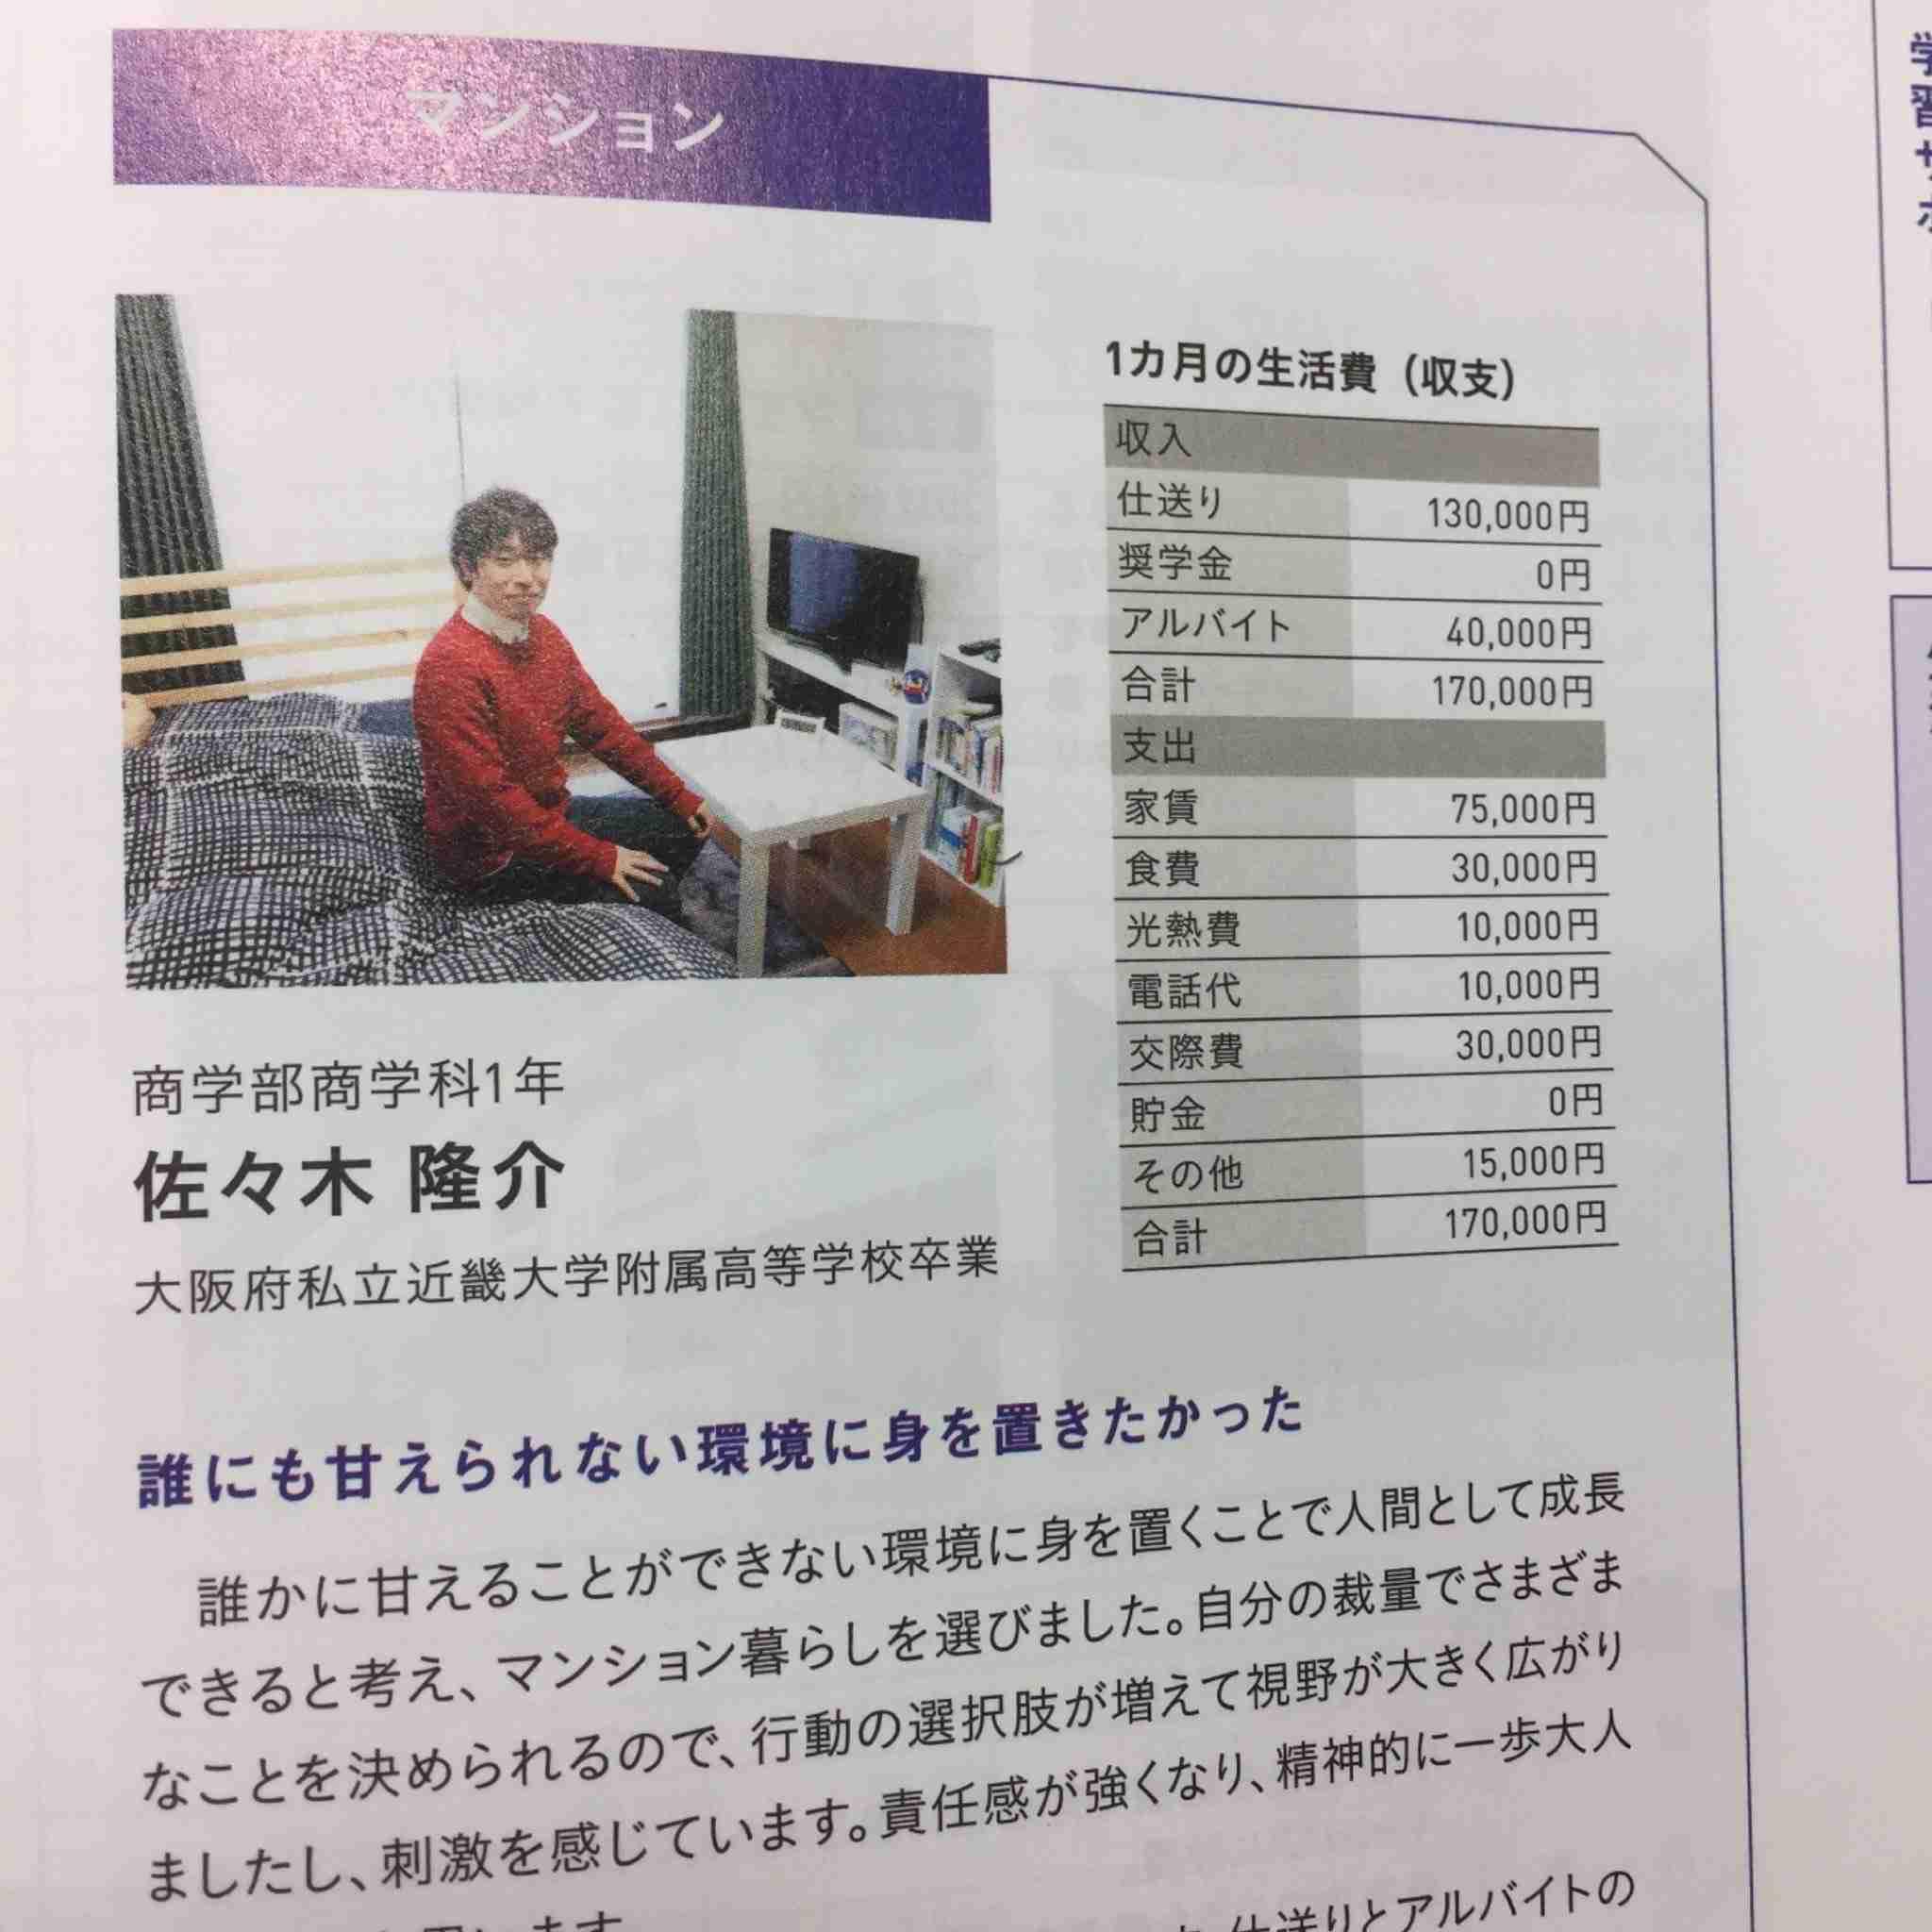 13万円の仕送りでマンション生活の大学生が話題に「誰にも甘えられない環境に身を置きたかった」